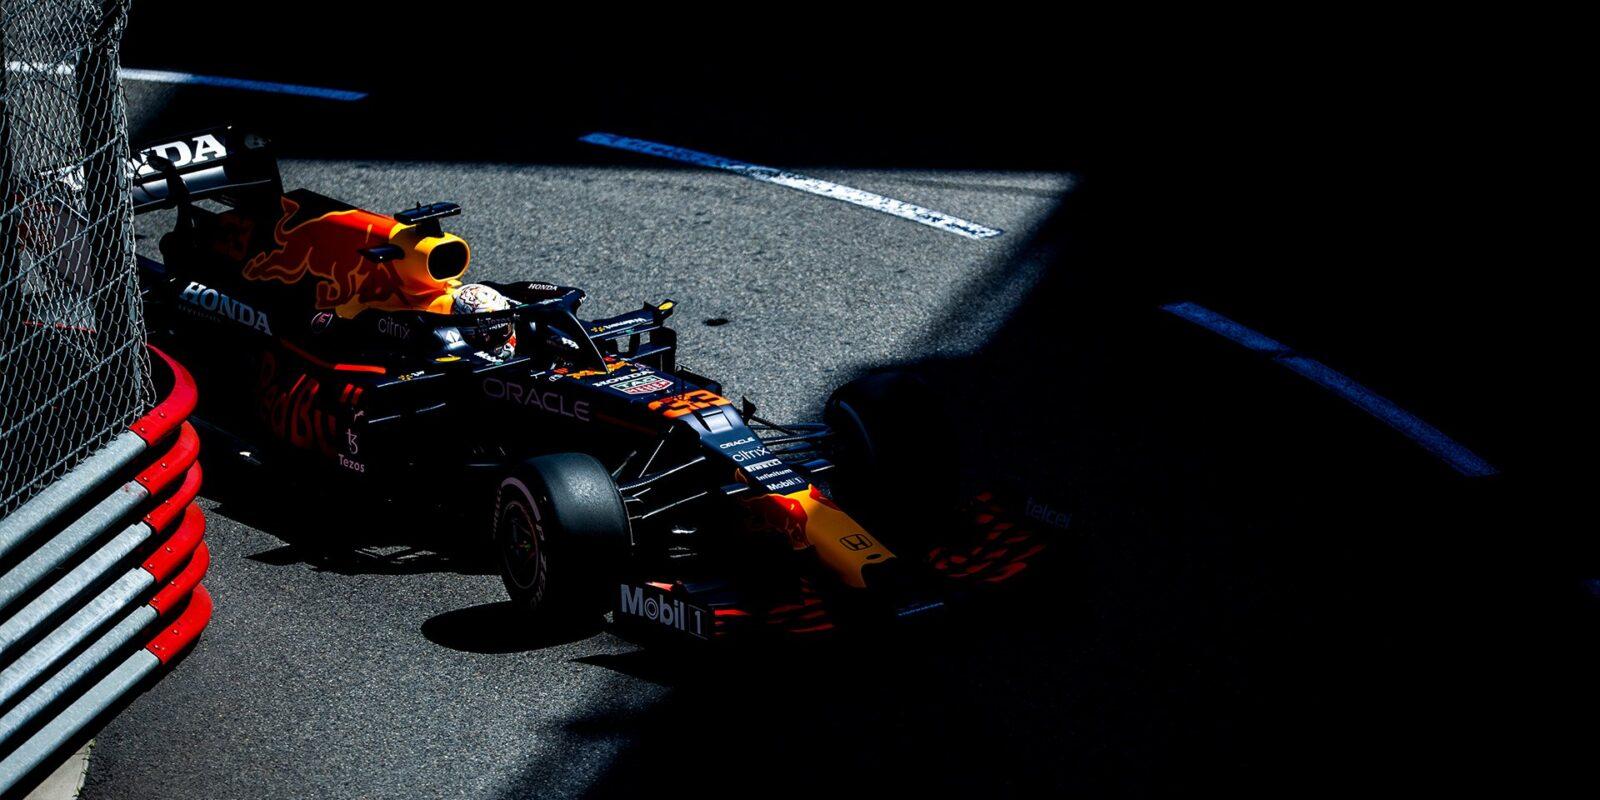 V posledním tréninku v Monaku byl nejrychlejší Verstappen